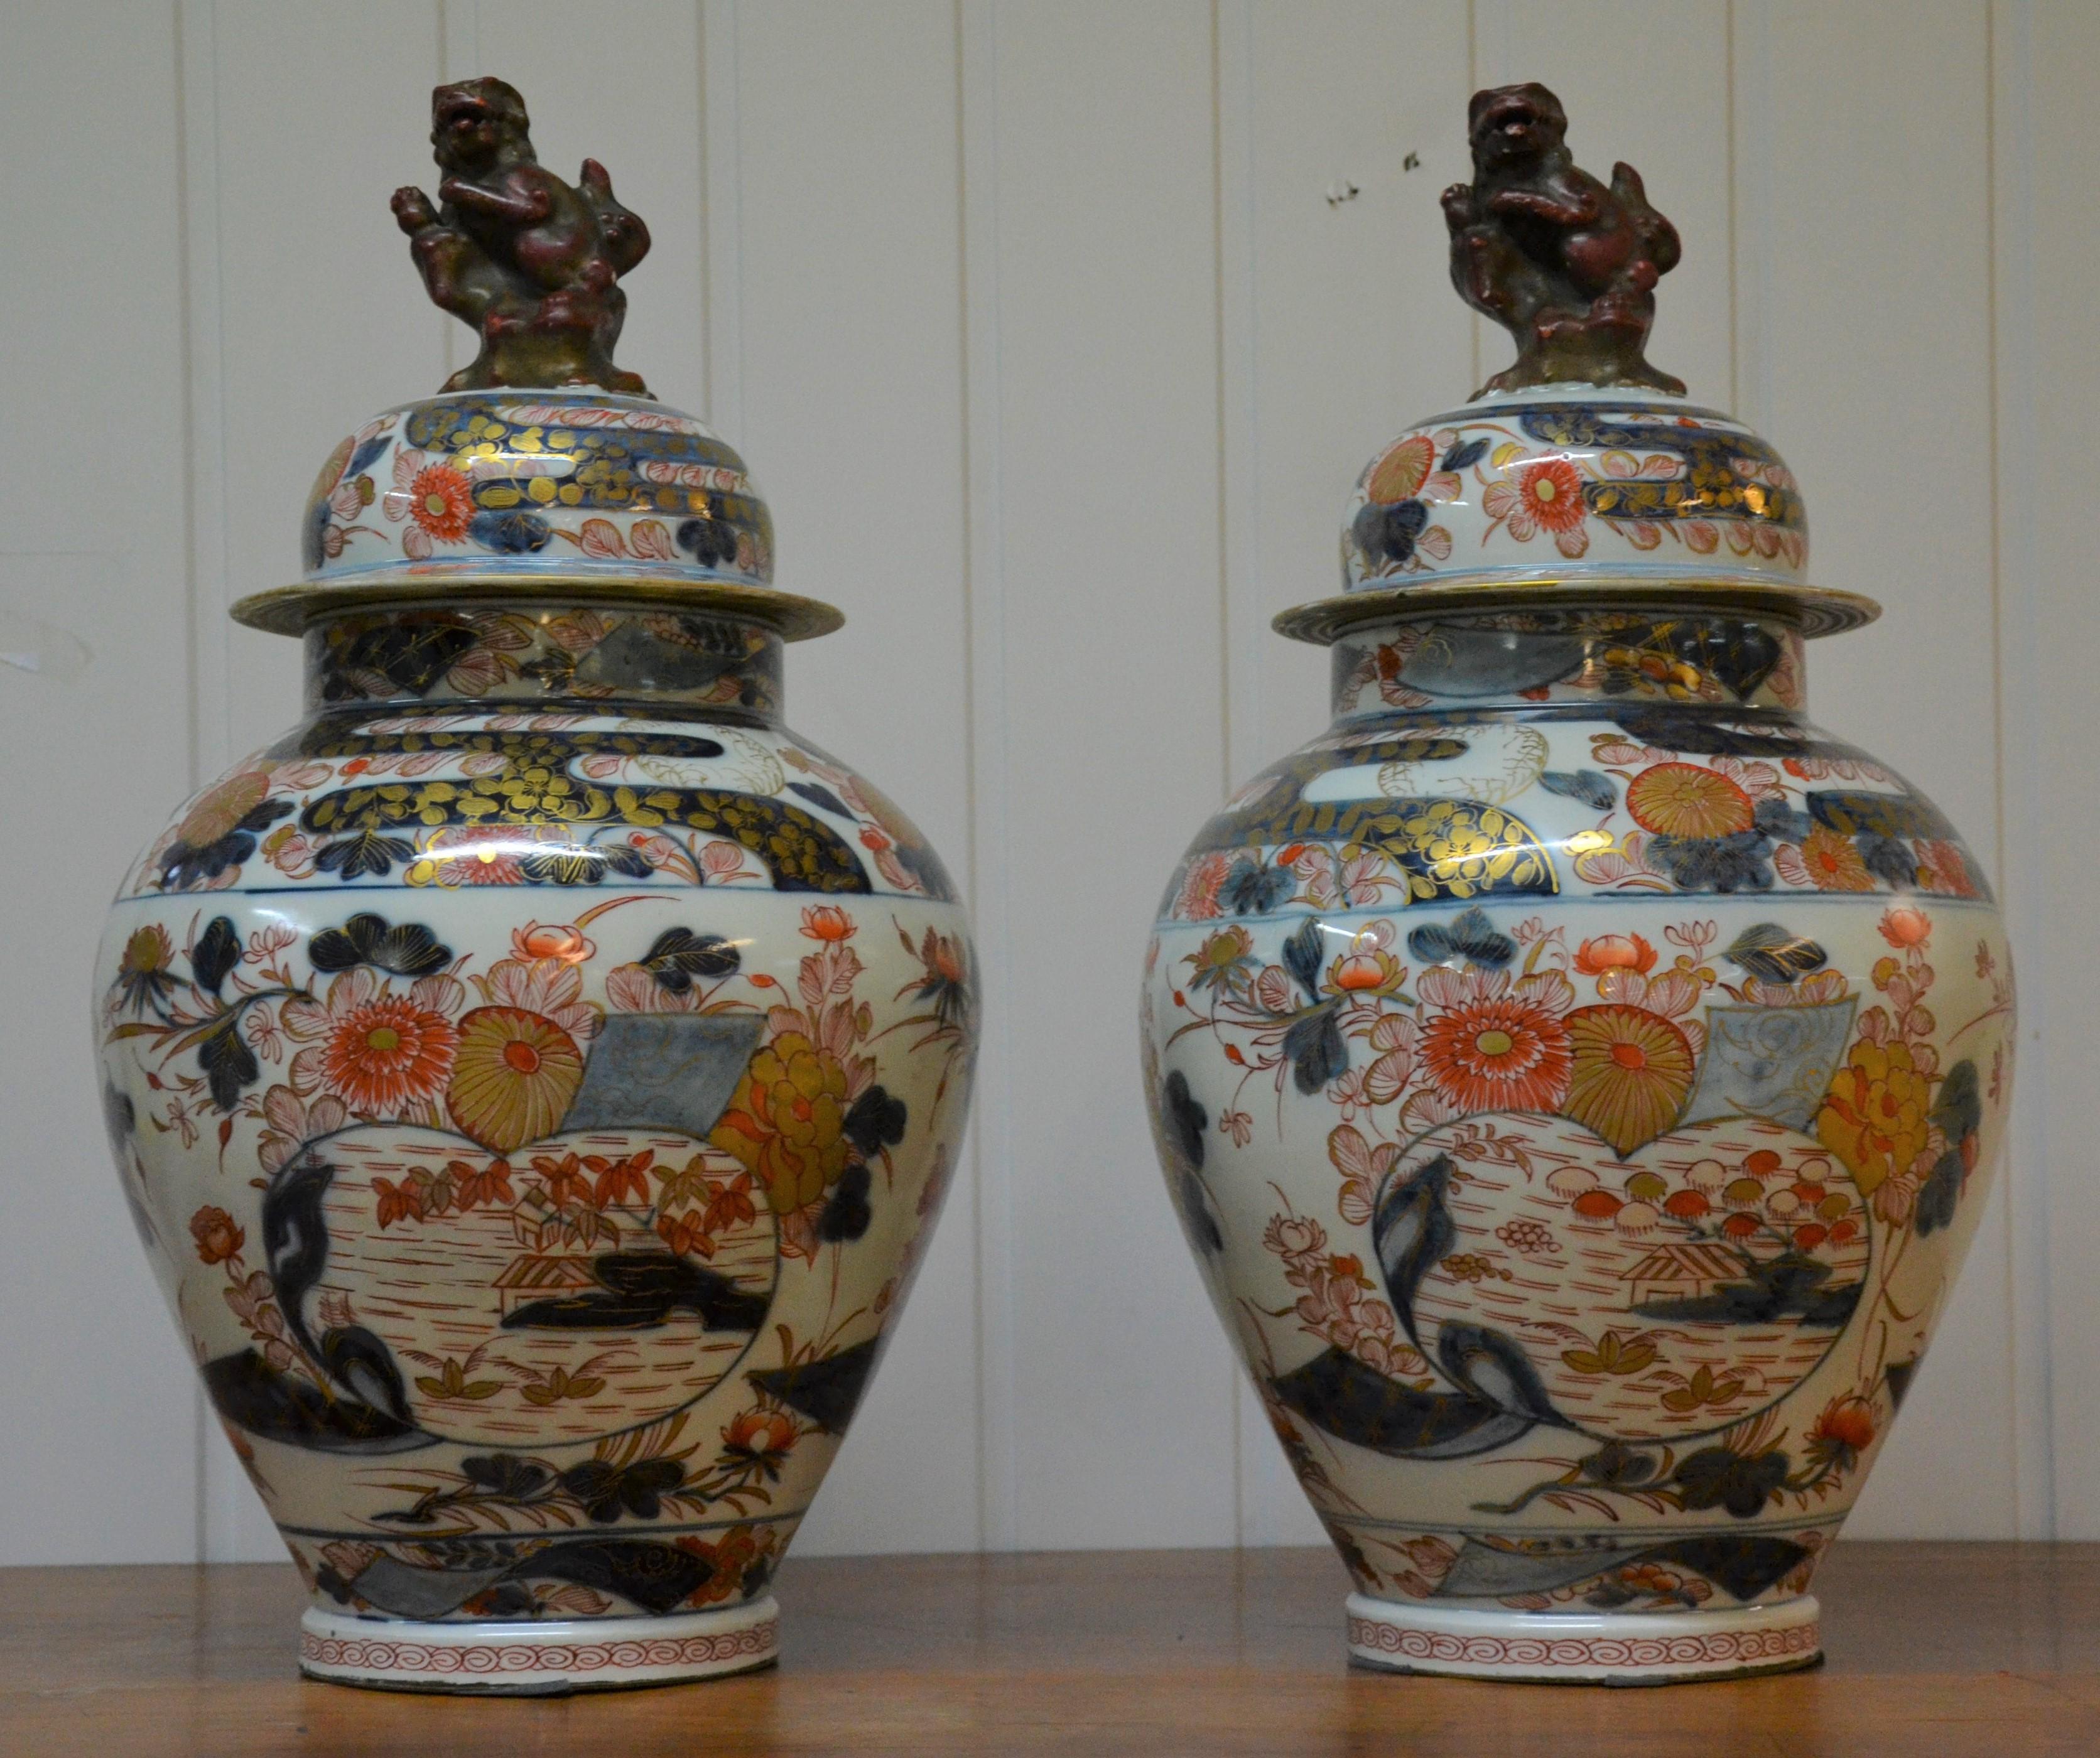 Auction Tableaux, Arts d'Asie, Objets d'art Mobilier XVIIIème-XIXème-XXème siècle at France Enchères : 115 lots